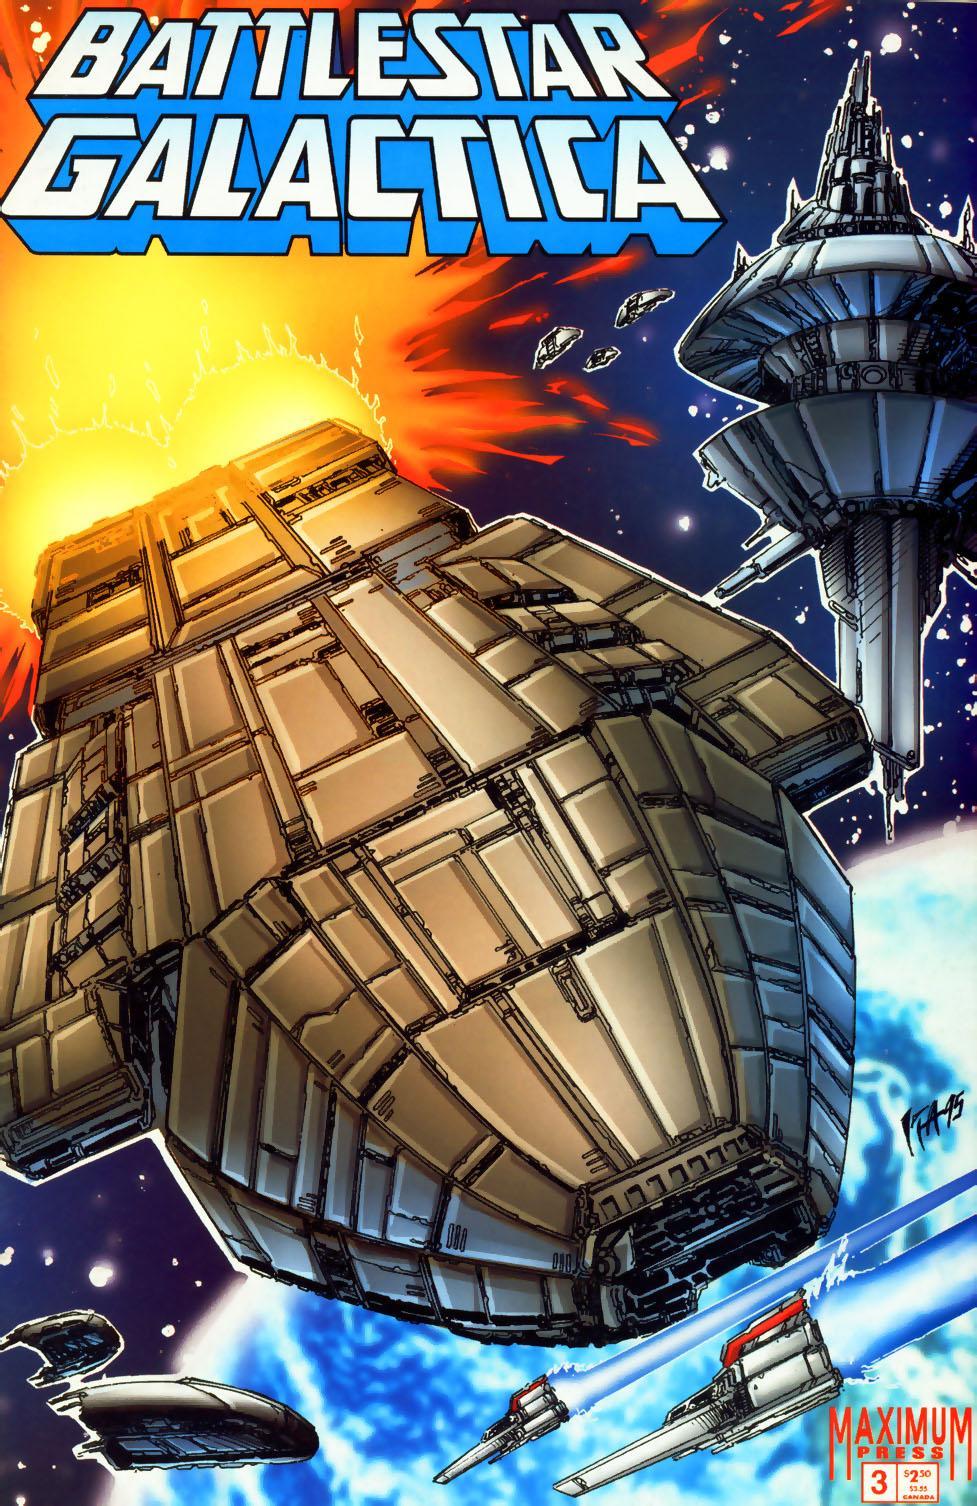 Battlestar Galactica Vol 2 3